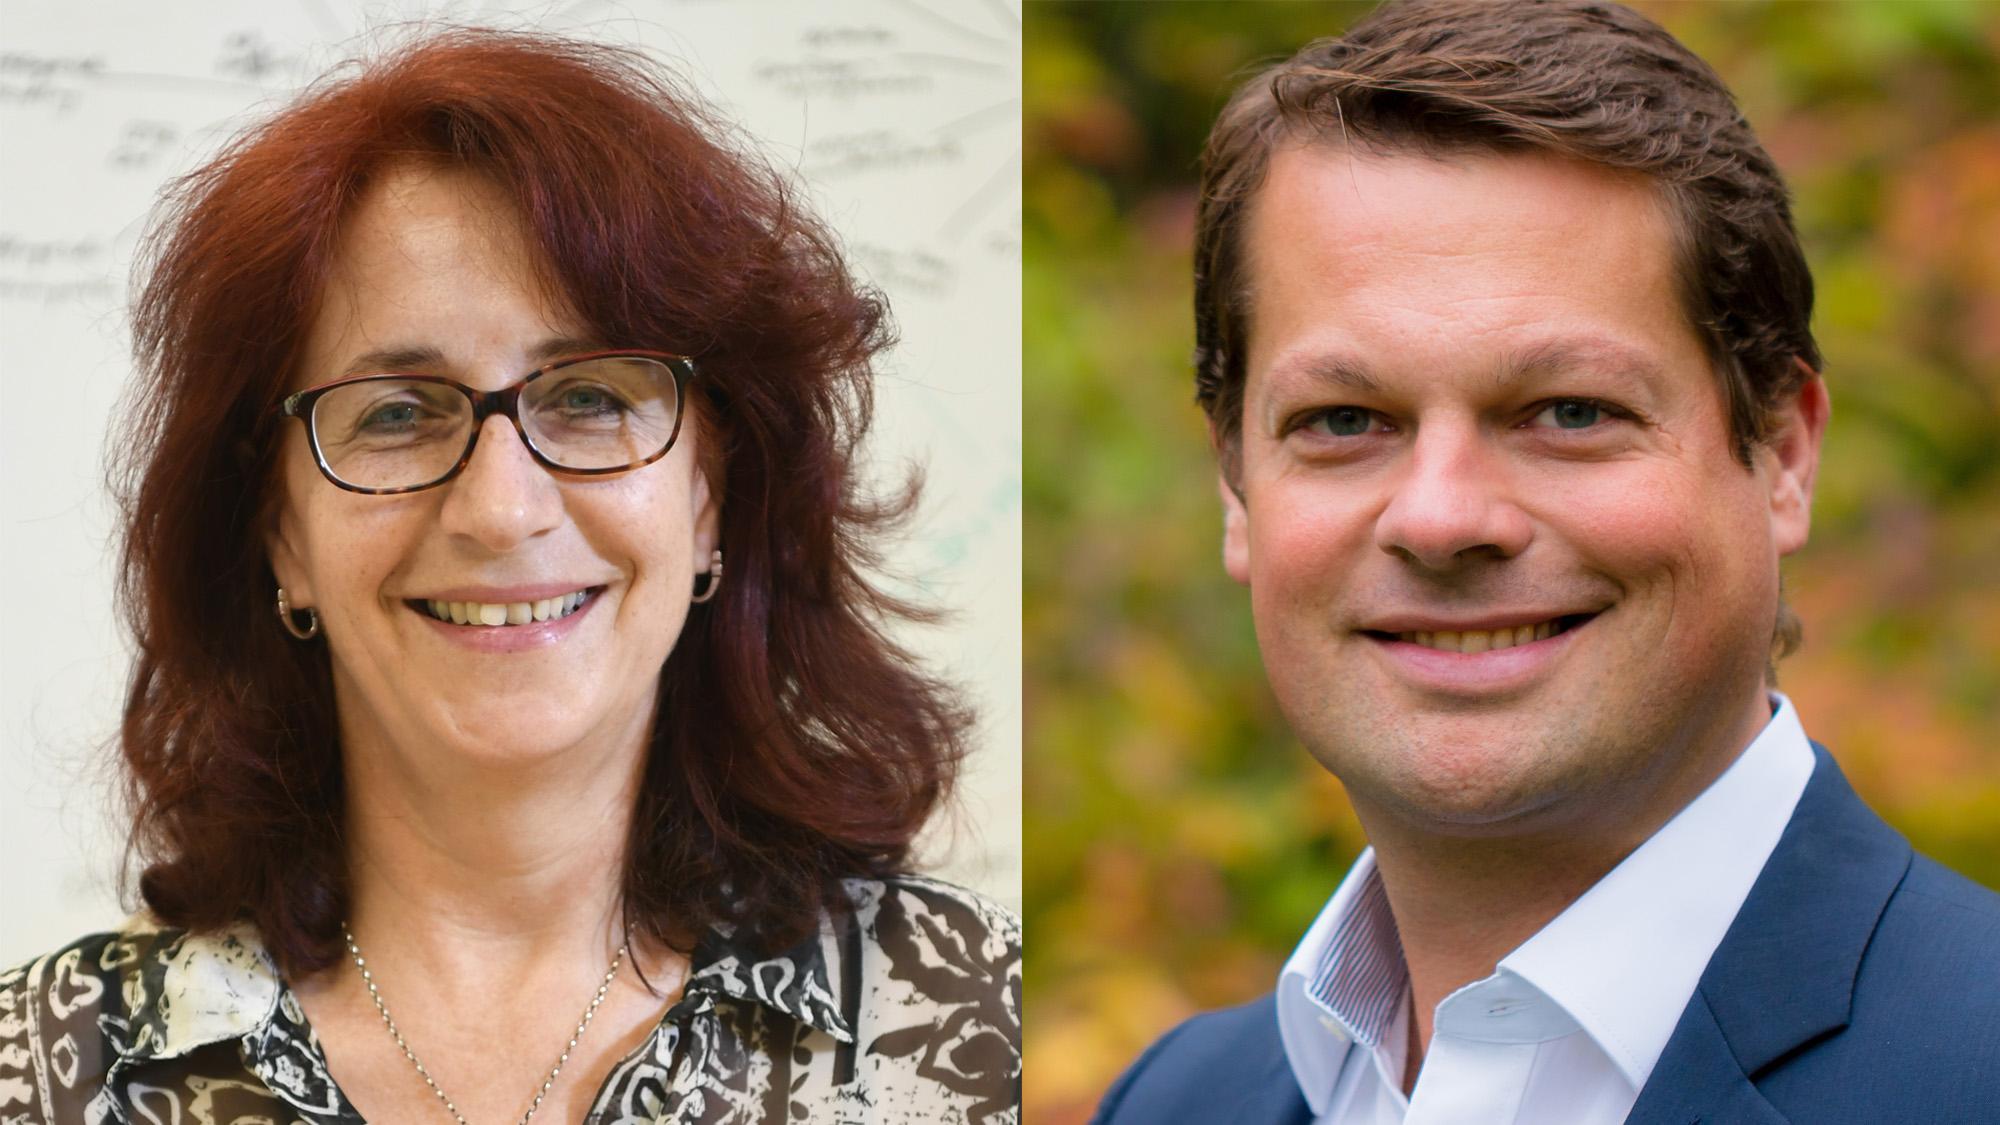 Brigitte Lutz und Michael Schramm © Lukas Lorenz, Céline Juyou, Montage: Trending Topics